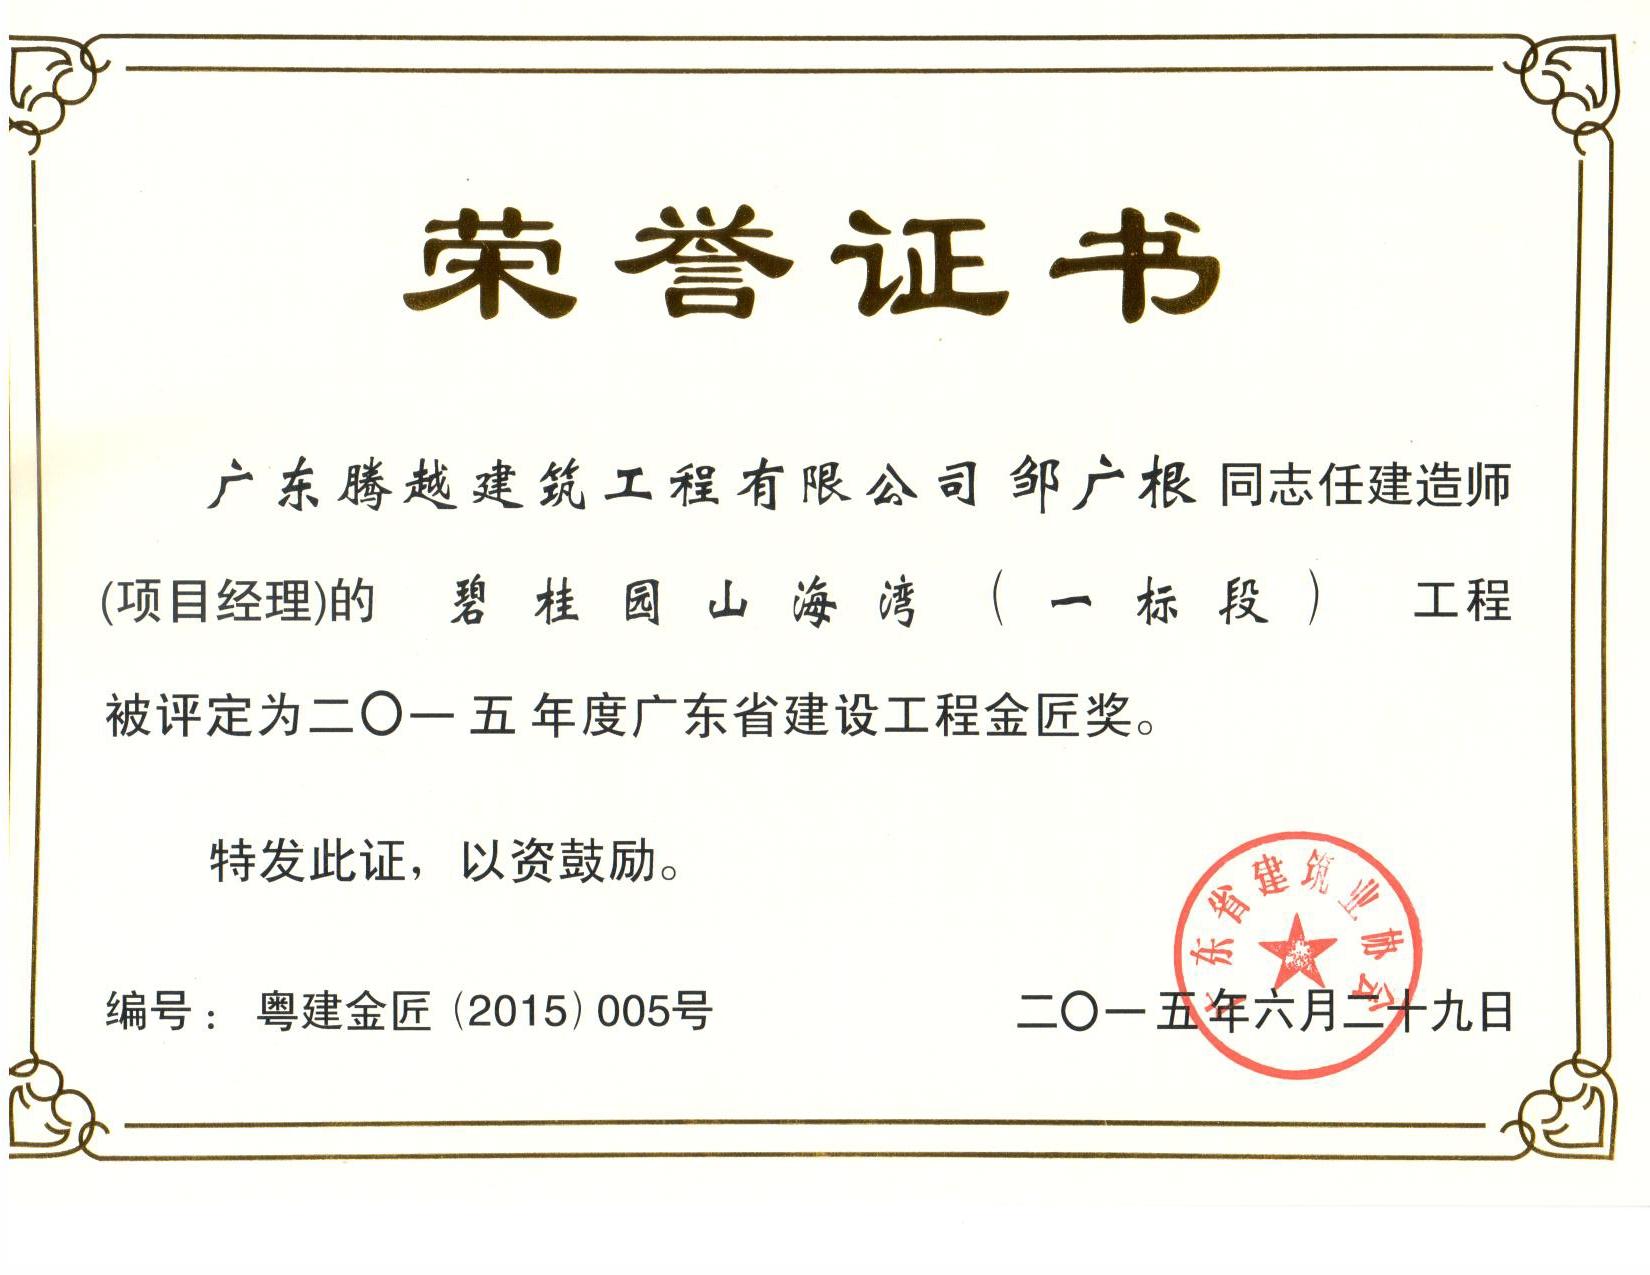 广东省建设工程优质奖—奖状